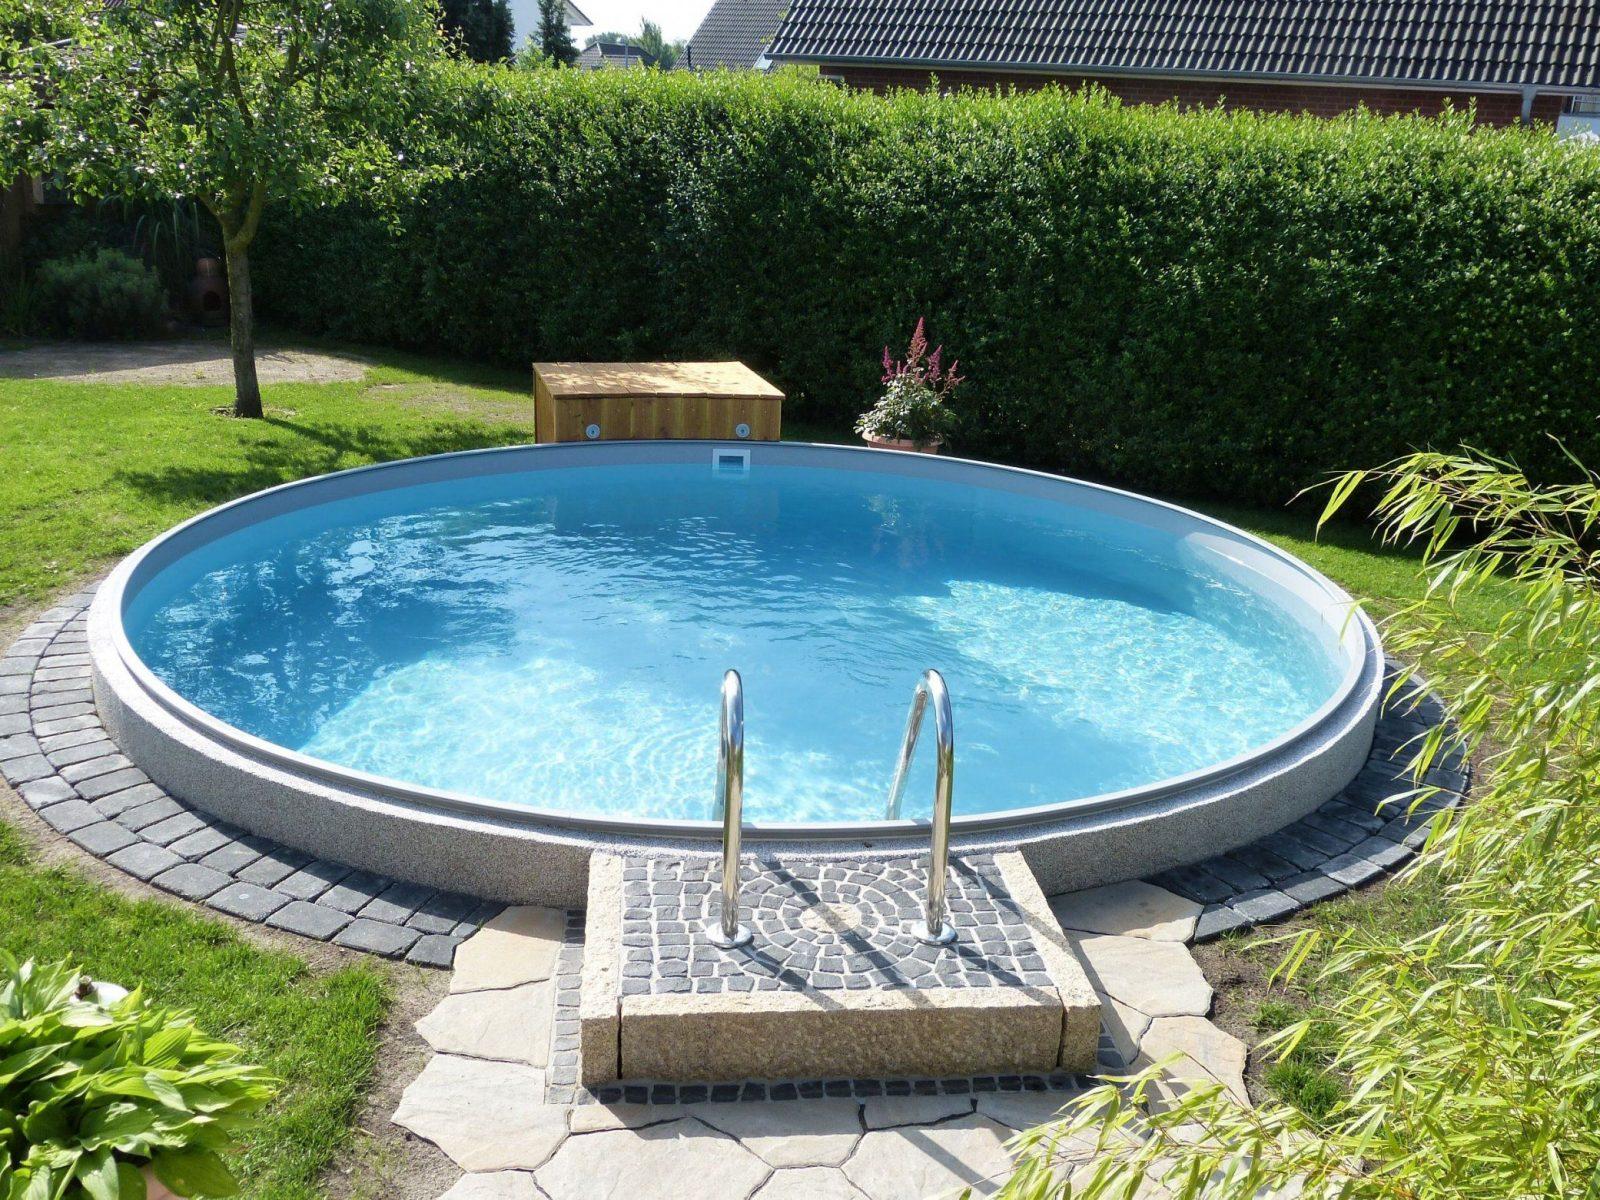 Poolakademie  Bauen Sie Ihren Pool Selbst Wir Helfen Ihnen von Pool Deck Selber Bauen Photo